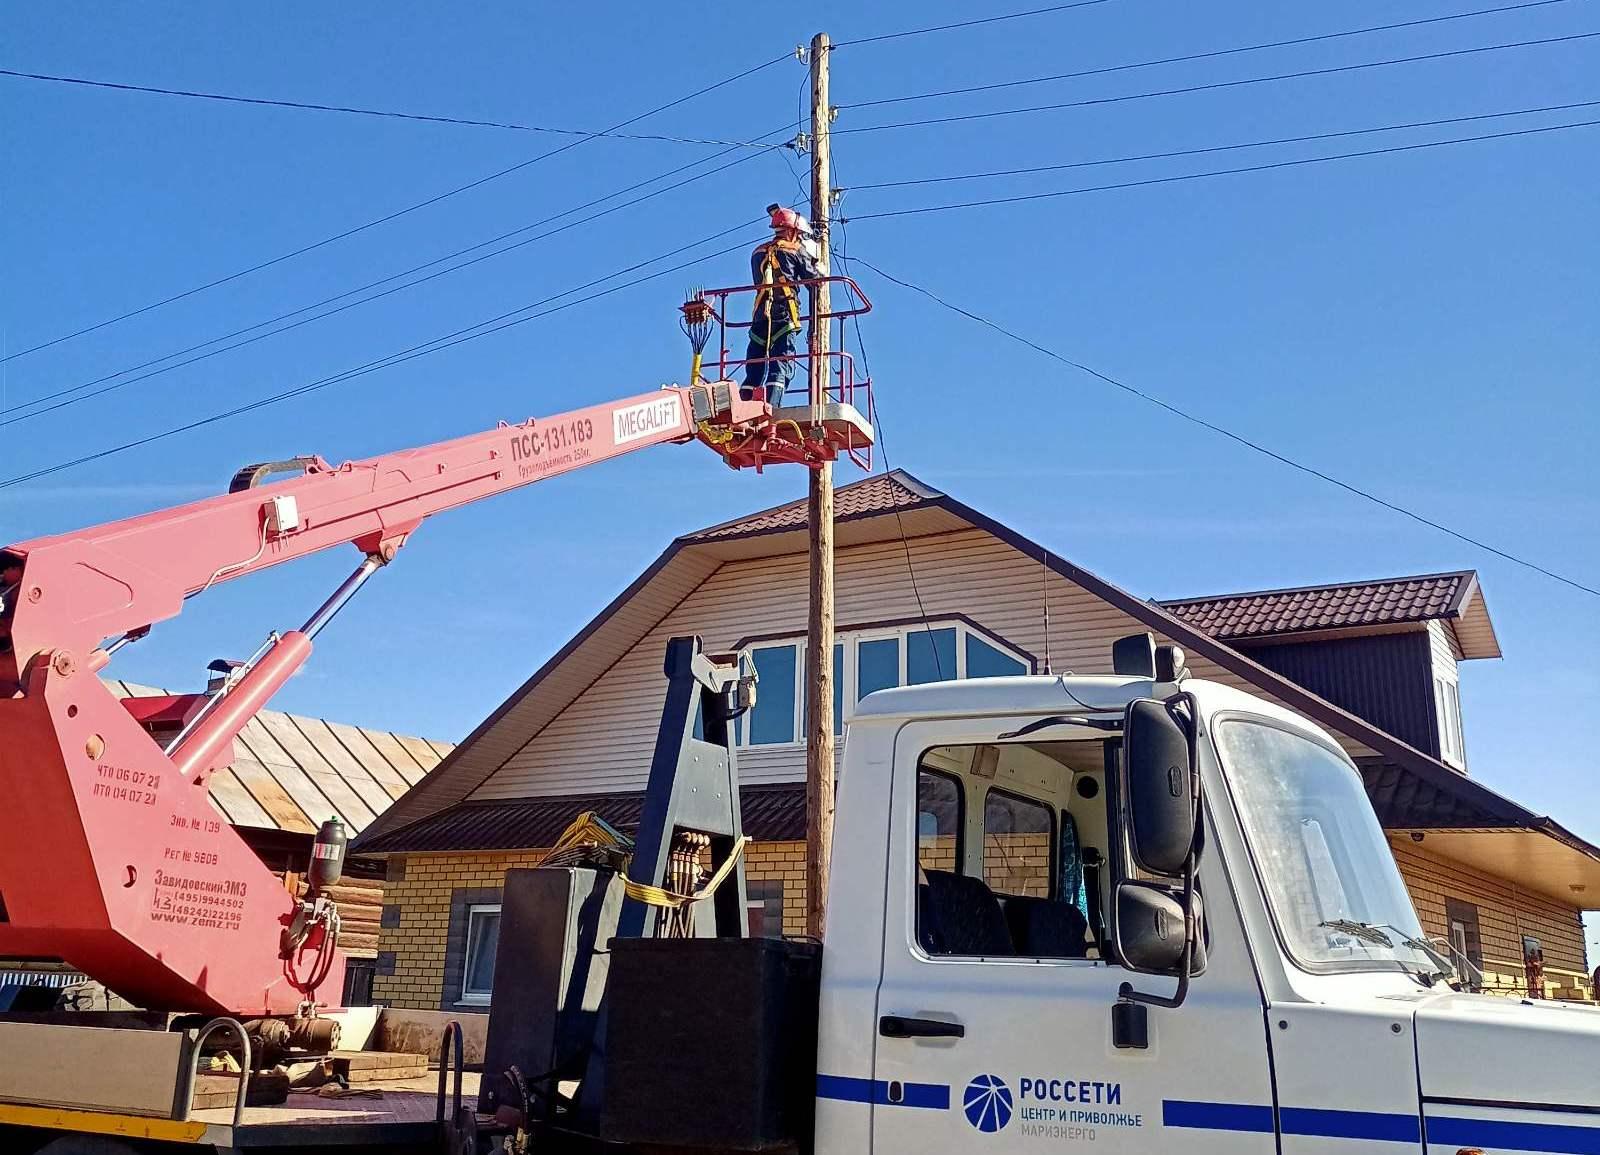 «Россети Центр и Приволжье Мариэнерго» продолжает модернизацию уличного освещения республики